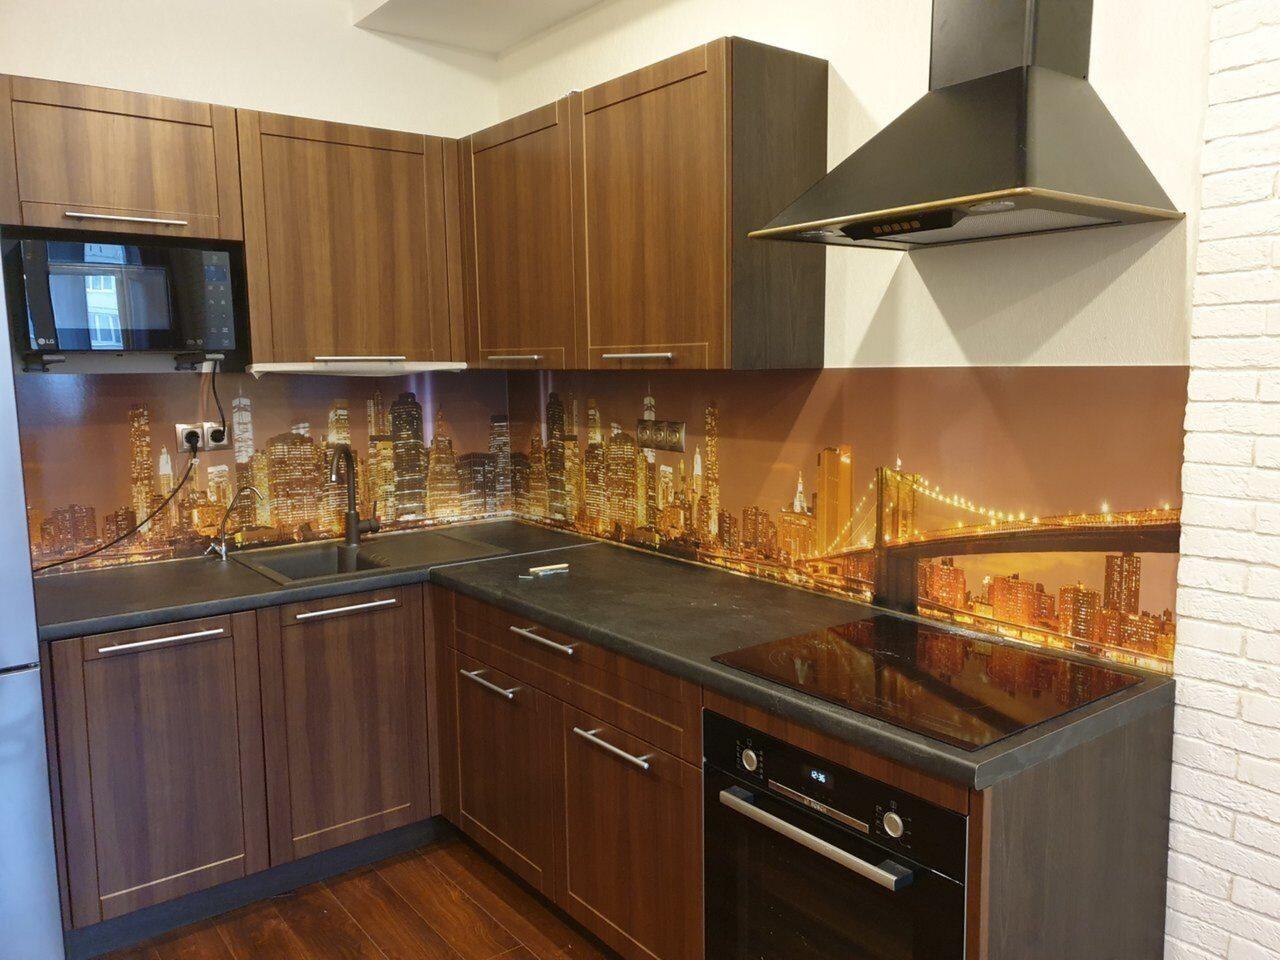 кухня фартуки к кухонному гарнитуру фото предварительным